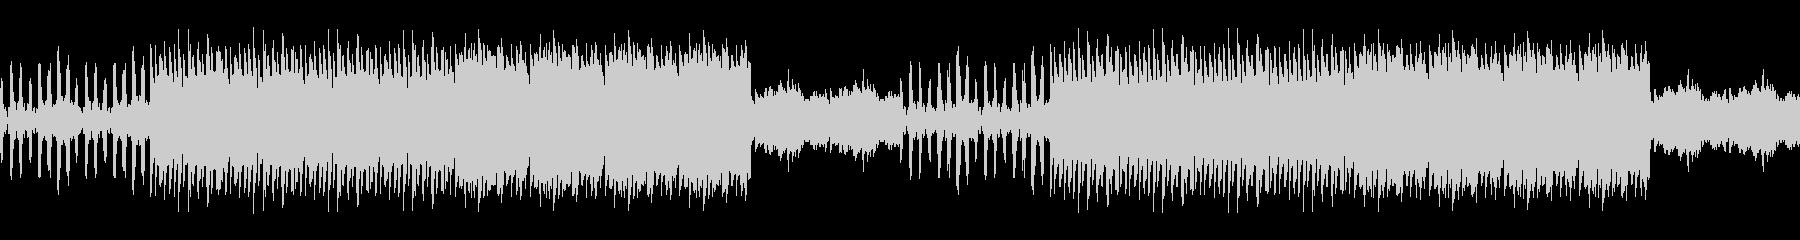 【テーマパーク/キラキラポップス】の未再生の波形